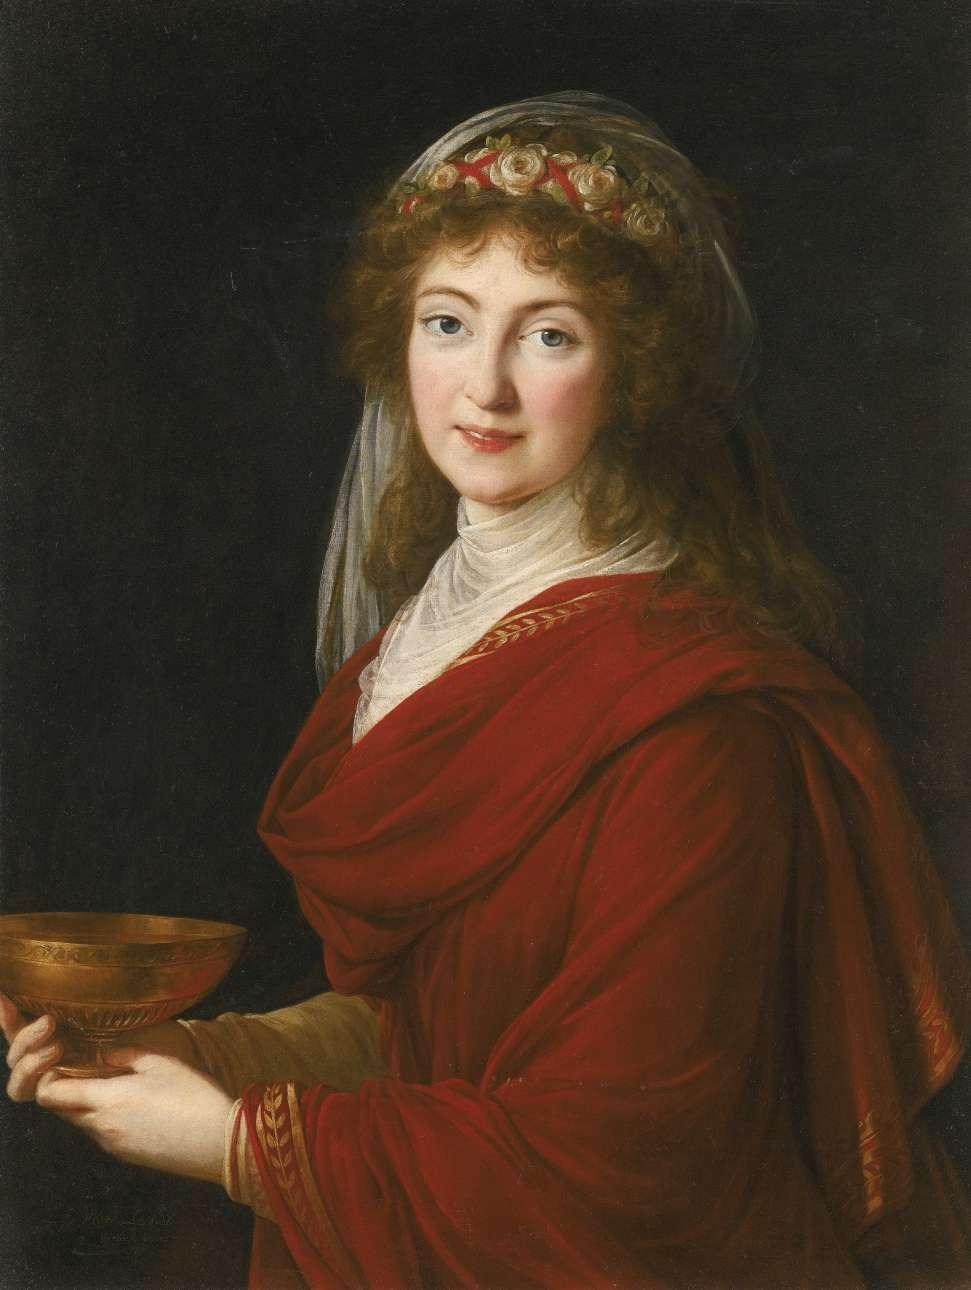 Galerie virtuelle des oeuvres de Mme Vigée Le Brun - Page 9 211